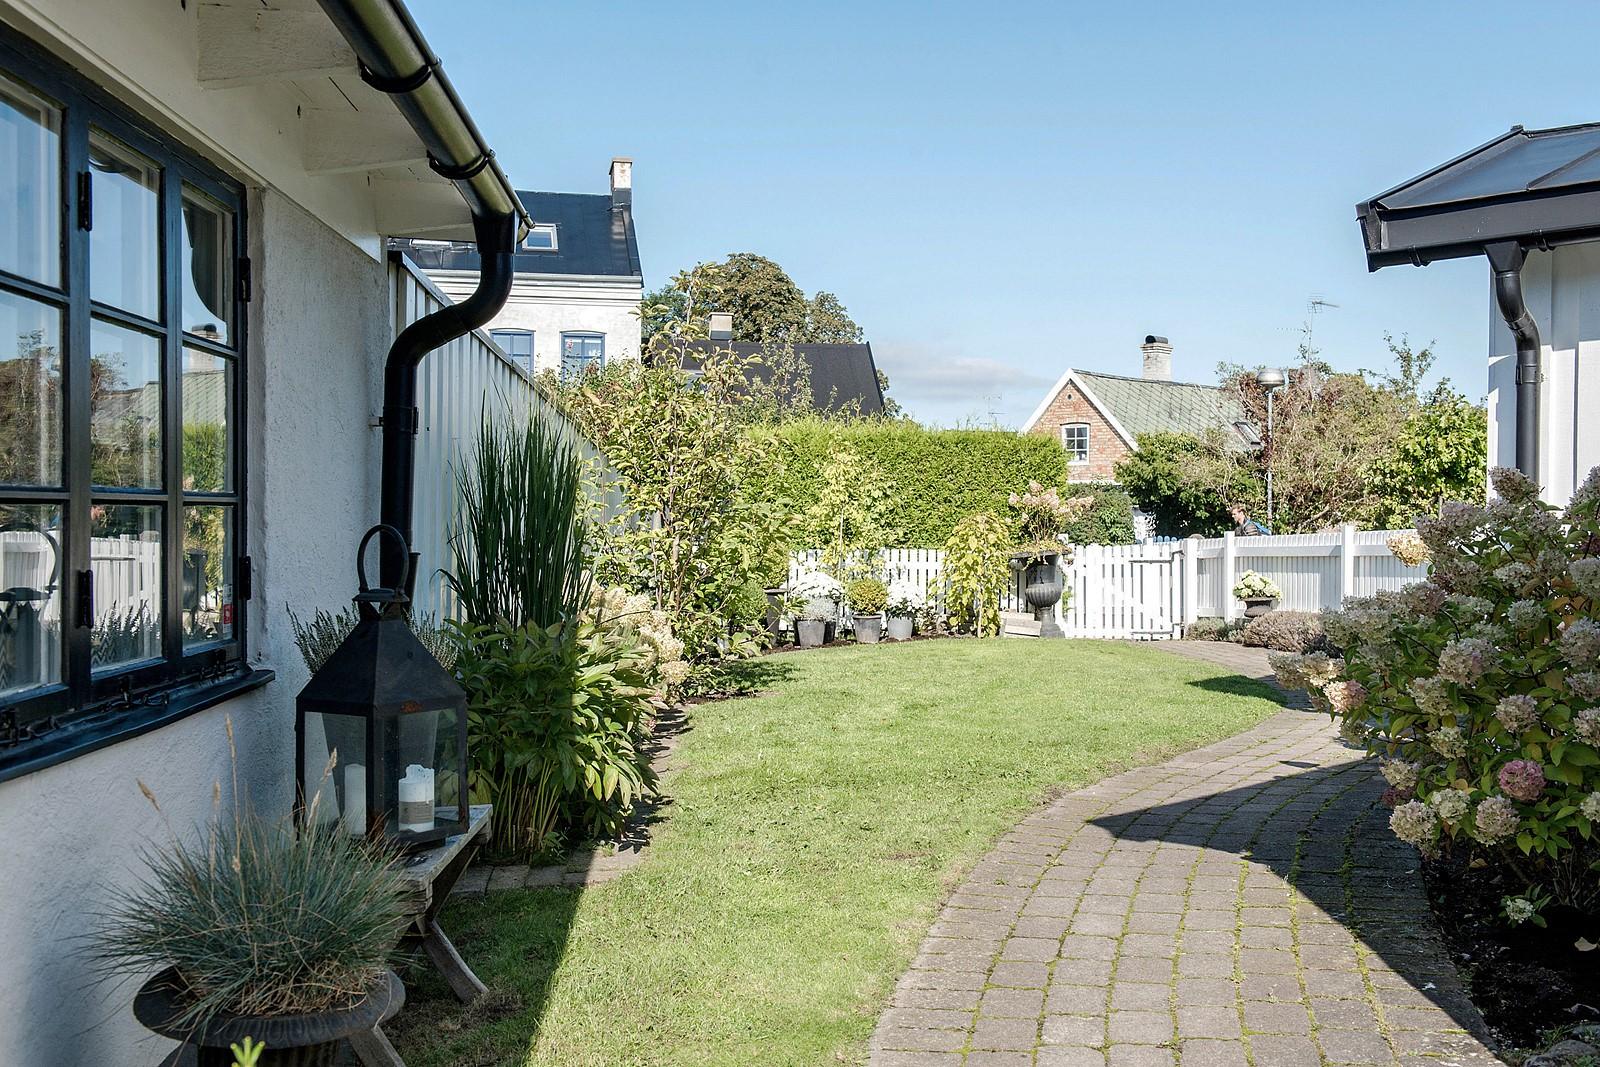 участок загородного дома газон кустарники клумбы отмостка дорожки забор